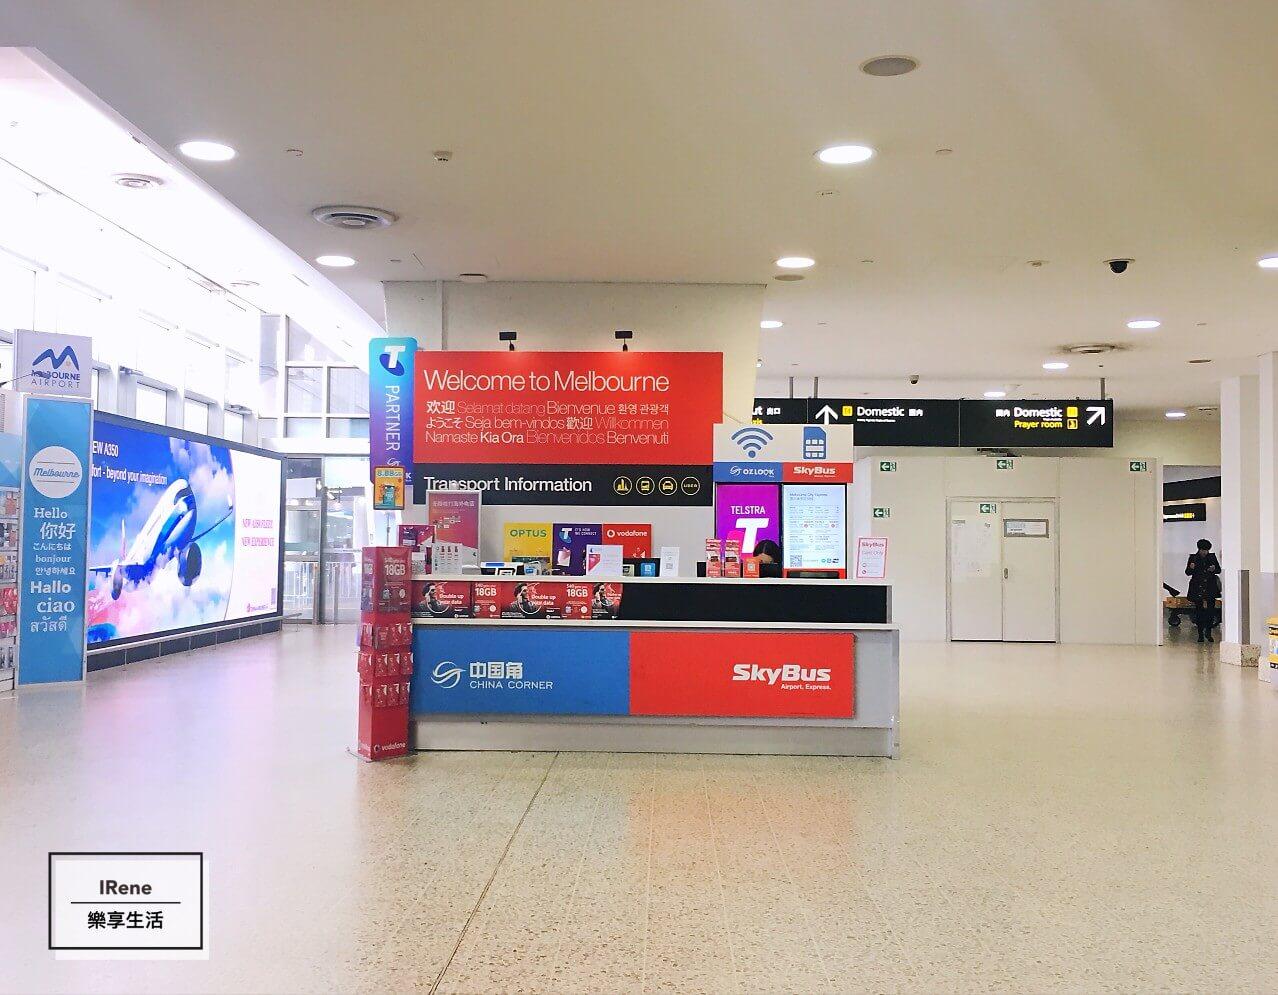 澳洲上網電話卡+墨爾本機場巴士SkyBus購票